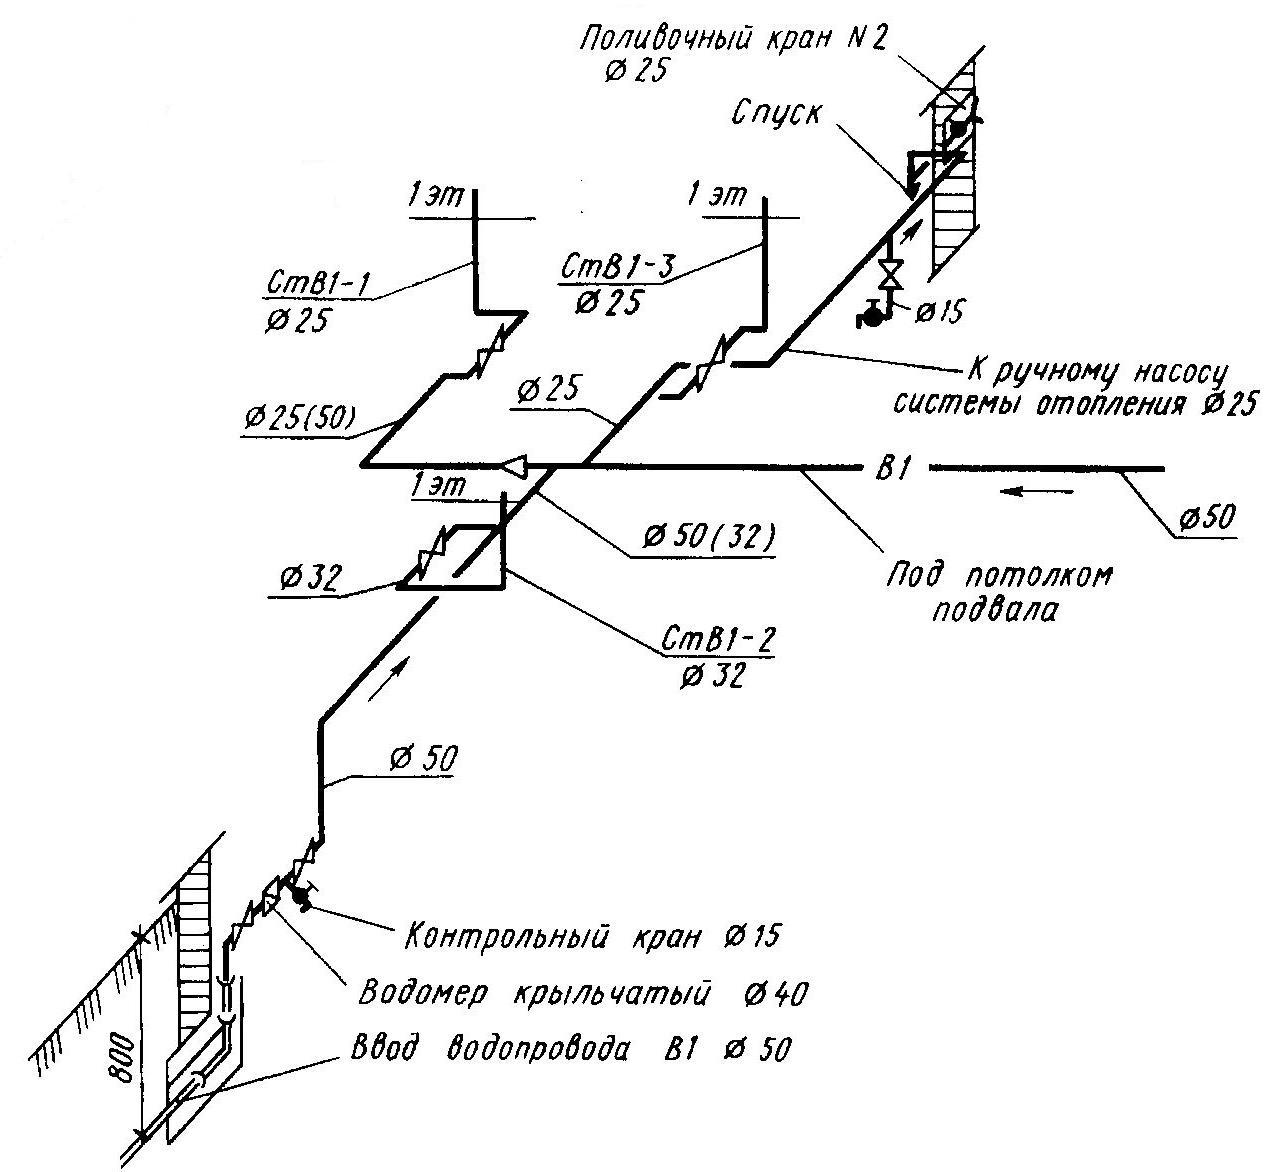 схема расположения канализации в 5 этажном доме